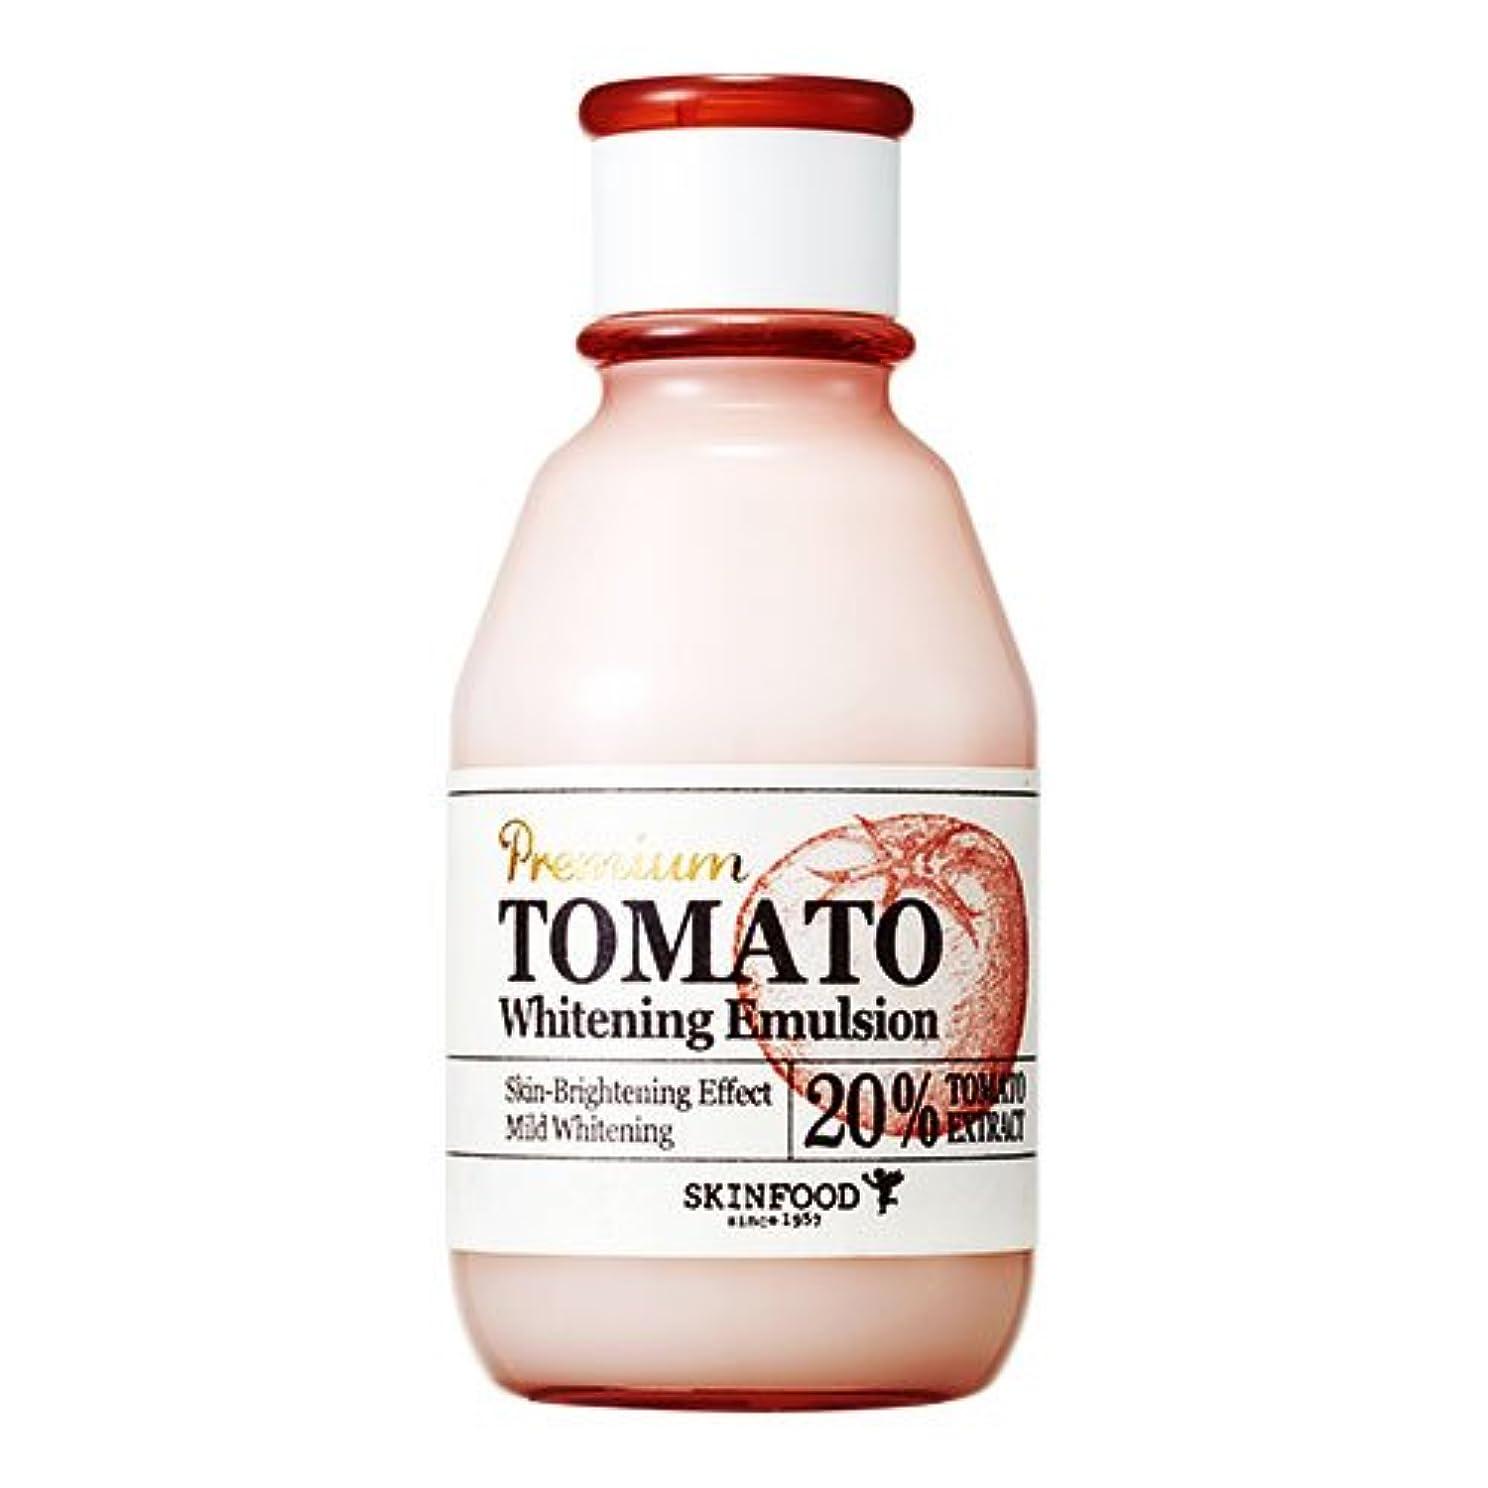 フォーラム今まで拍手[スキンフード] SKINFOOD プレミアムトマトホワイトニングエマルジョン Premium Tomato Whitening Emulsion (海外直送品) [並行輸入品]